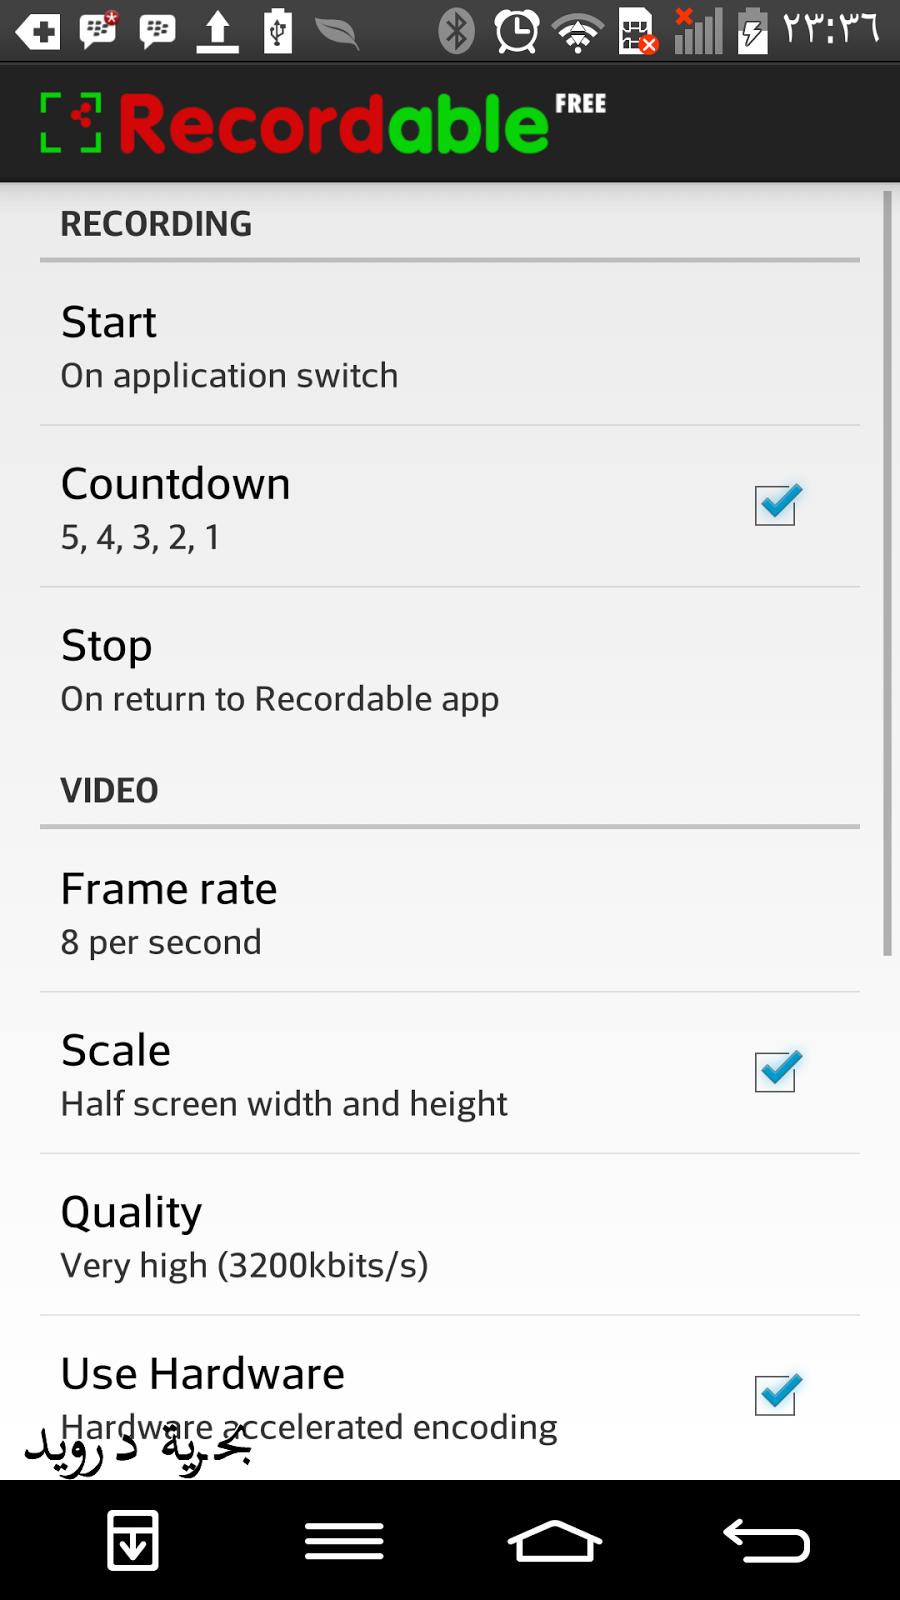 كيفية تصوير شاشة هاتفك الاندرويد فيديو بدون روت وبدون كمبيوتر   بحرية درويد